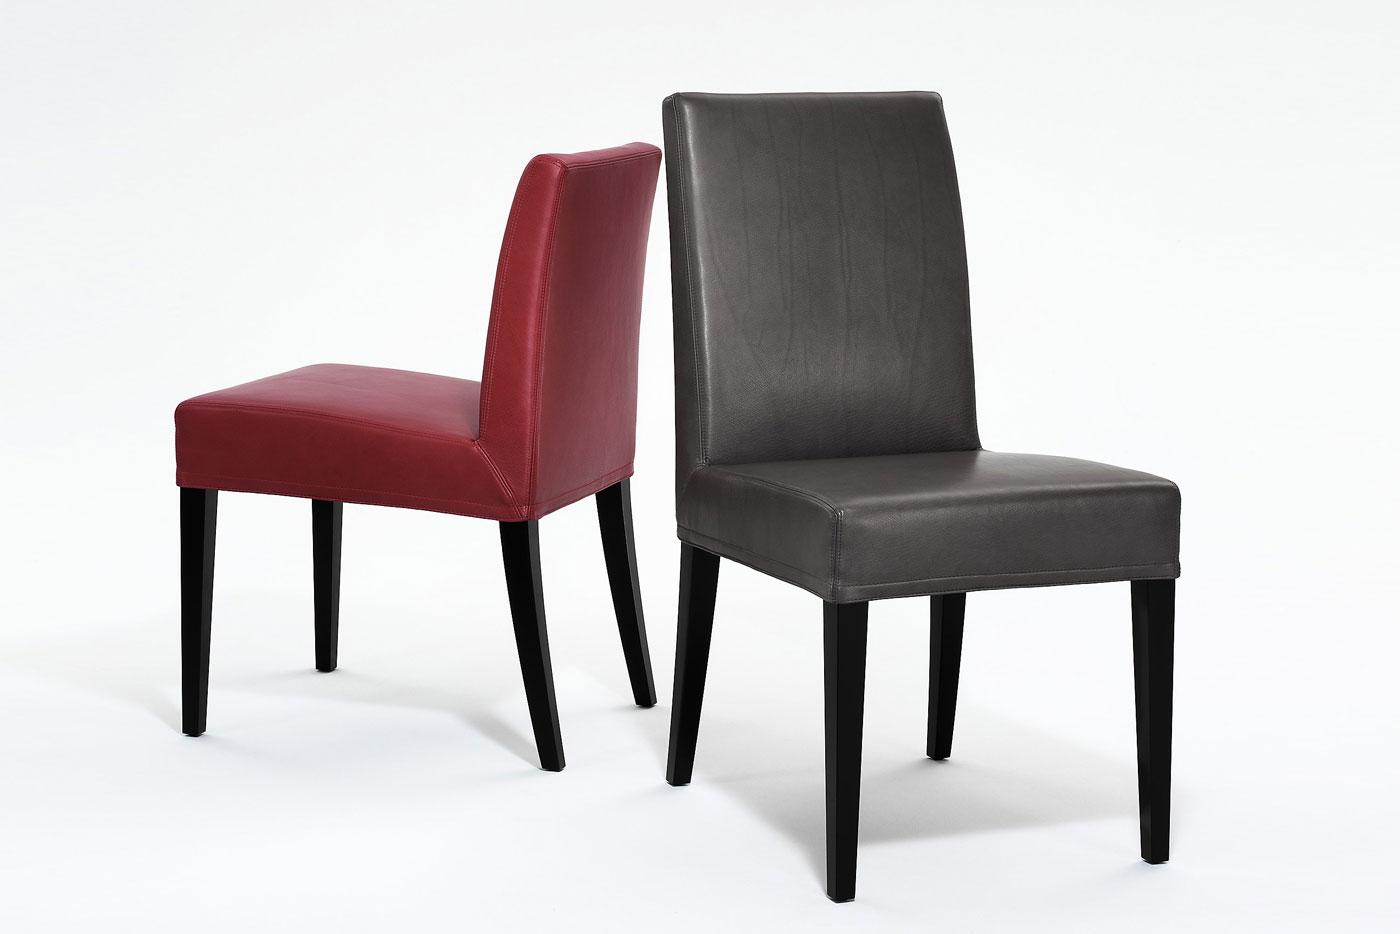 st hle f r esstische hans g bock. Black Bedroom Furniture Sets. Home Design Ideas